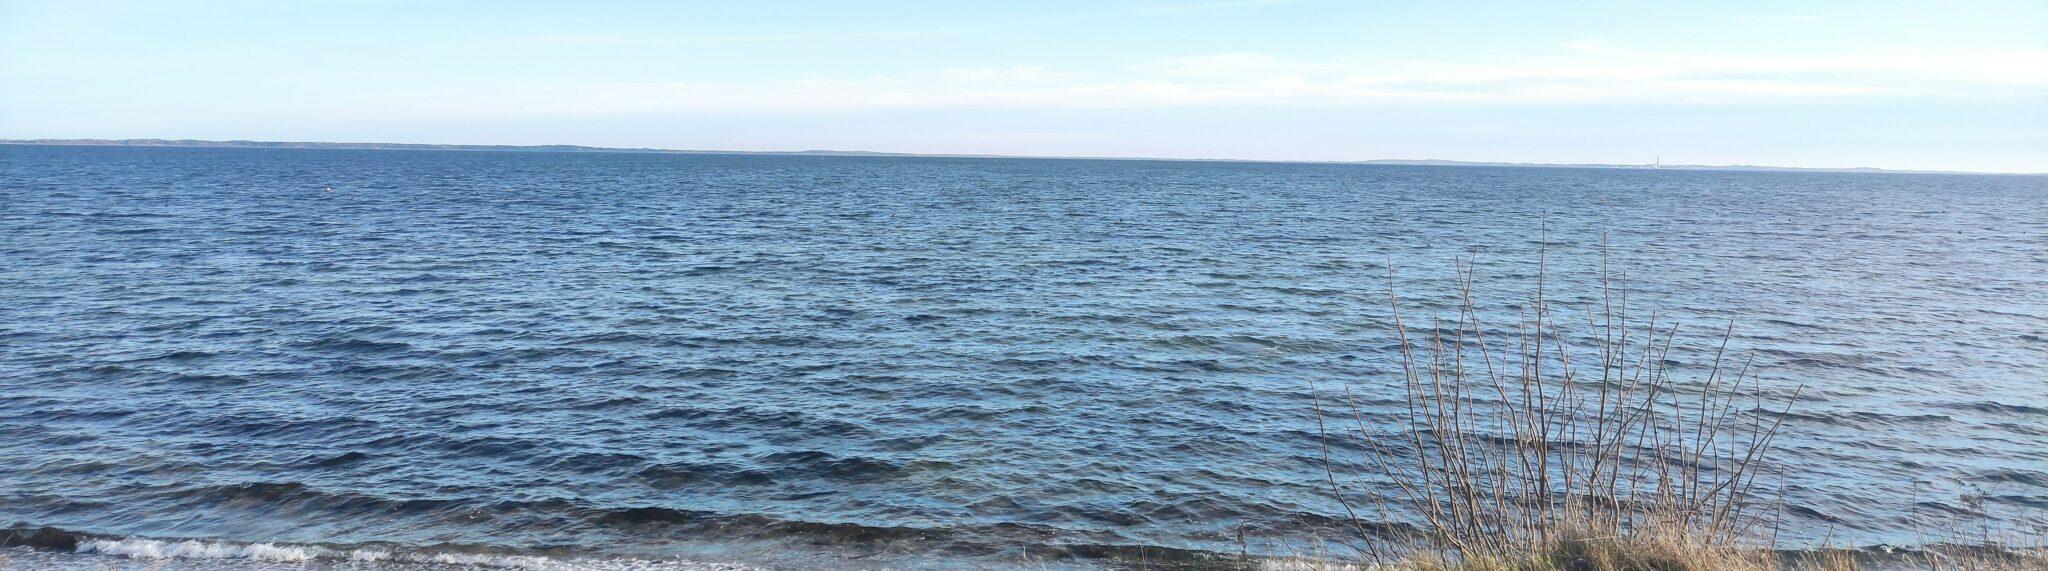 Tangbrug set fra kysten